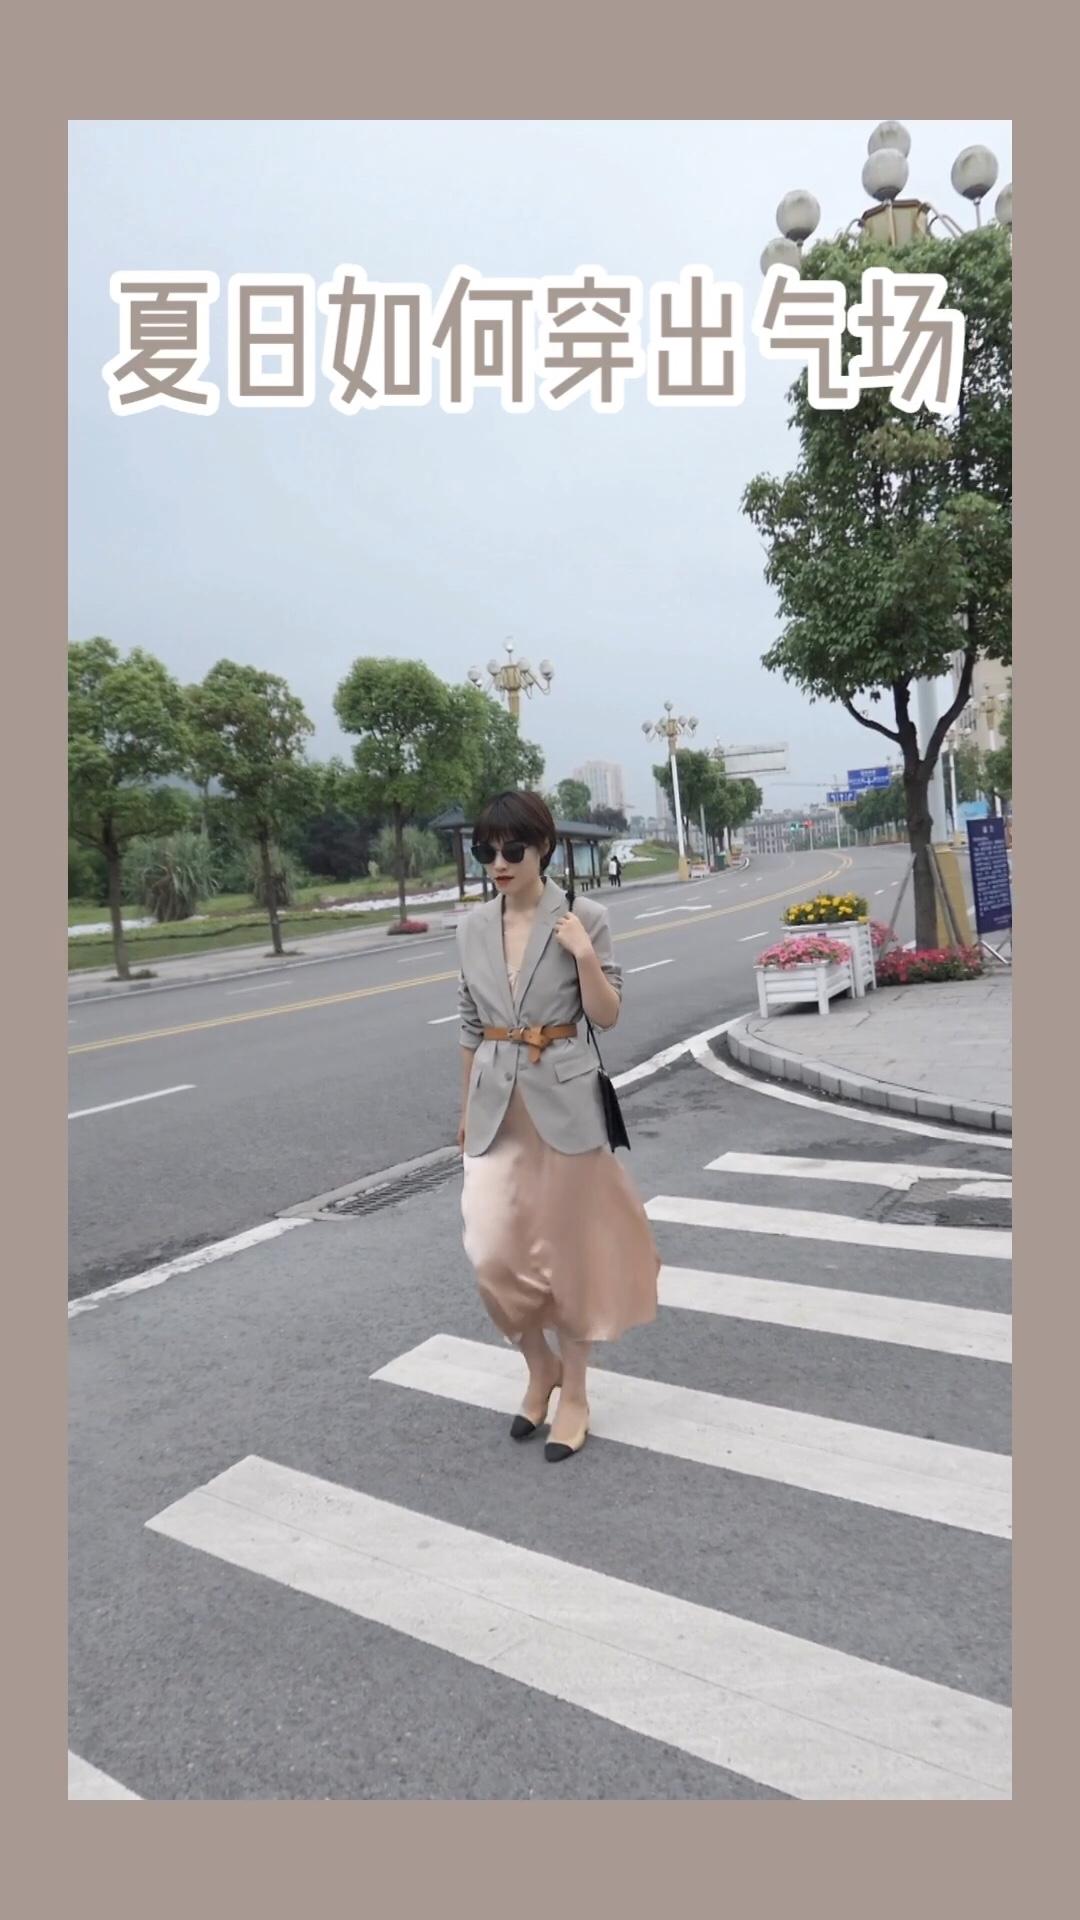 #水蜜桃季,穿成这样才讨喜!#  真丝吊带裙肉眼可见的质感,特别显高级!蜜桃粉色蜜桃特别衬肤色! 搭配米色廓形西装娘man平衡增加气场!